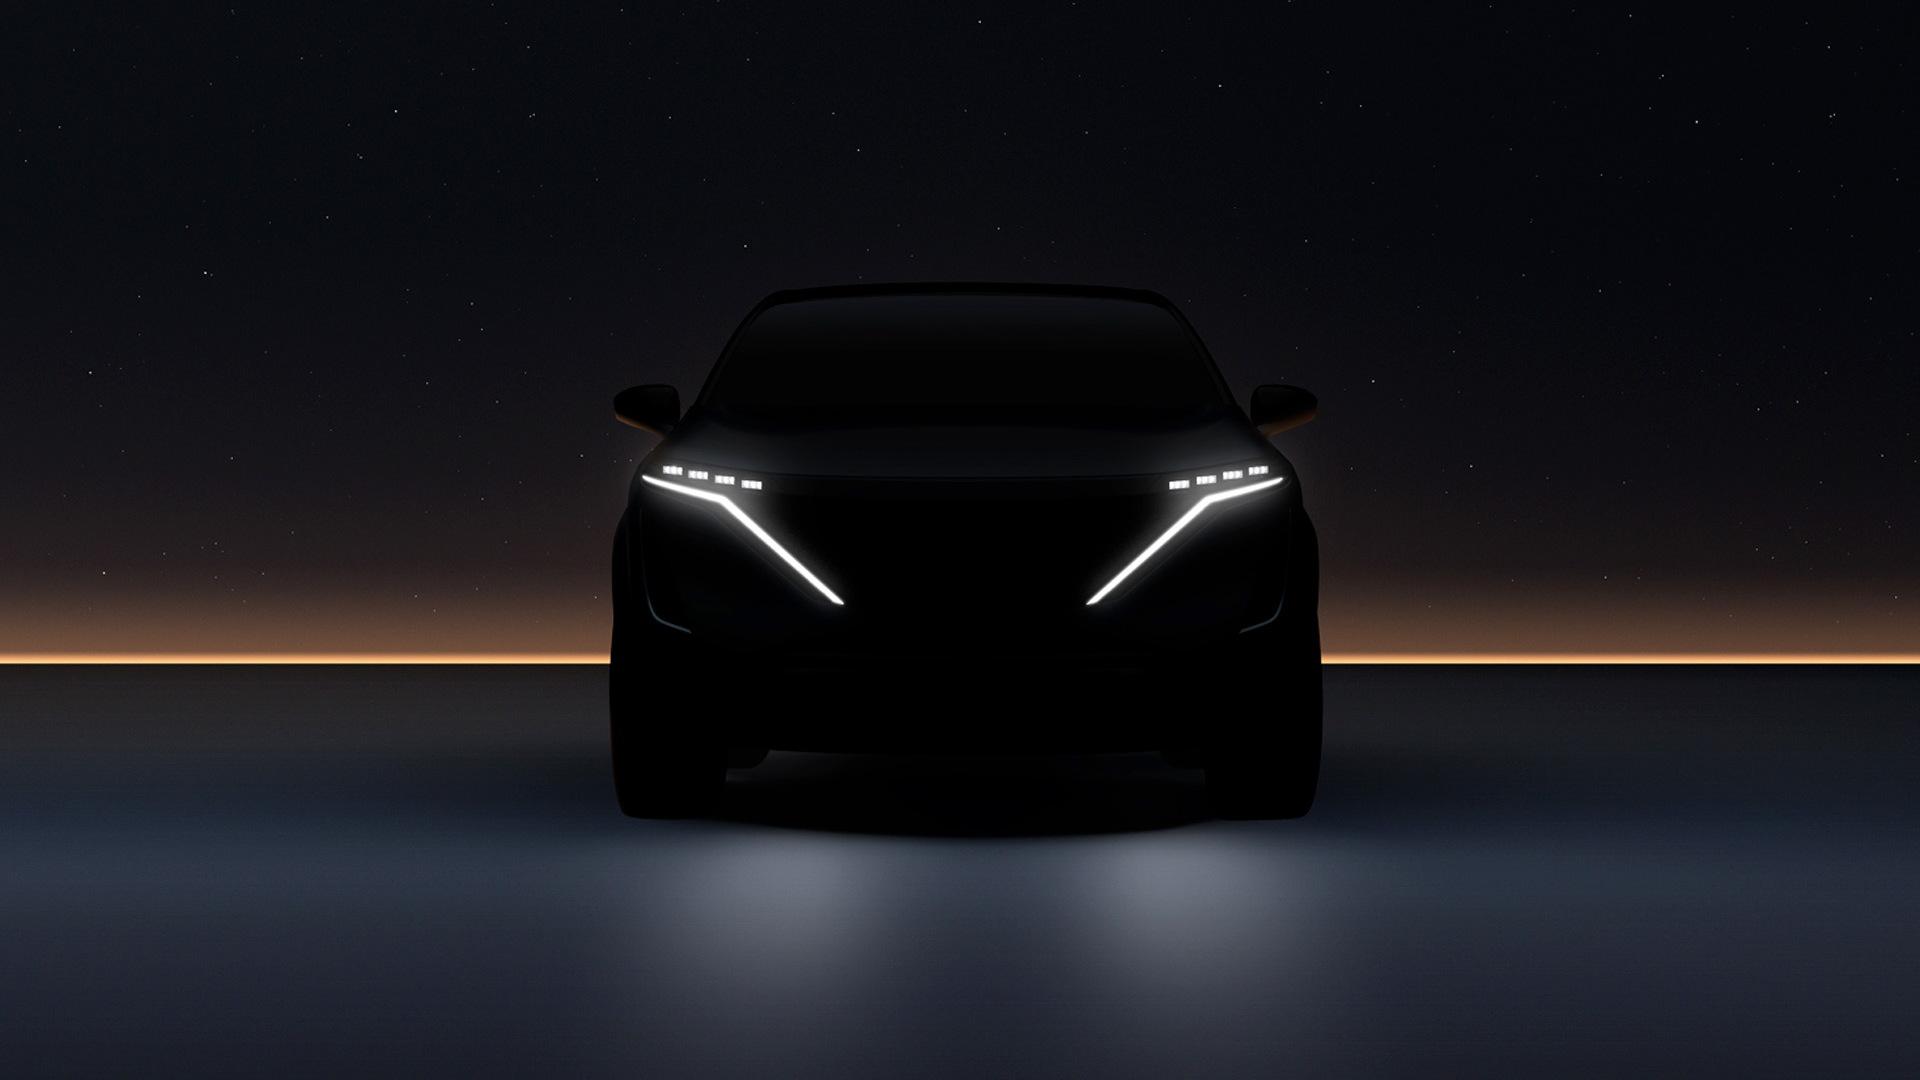 Teaser for Nissan Ariya debuting on July 15, 2020